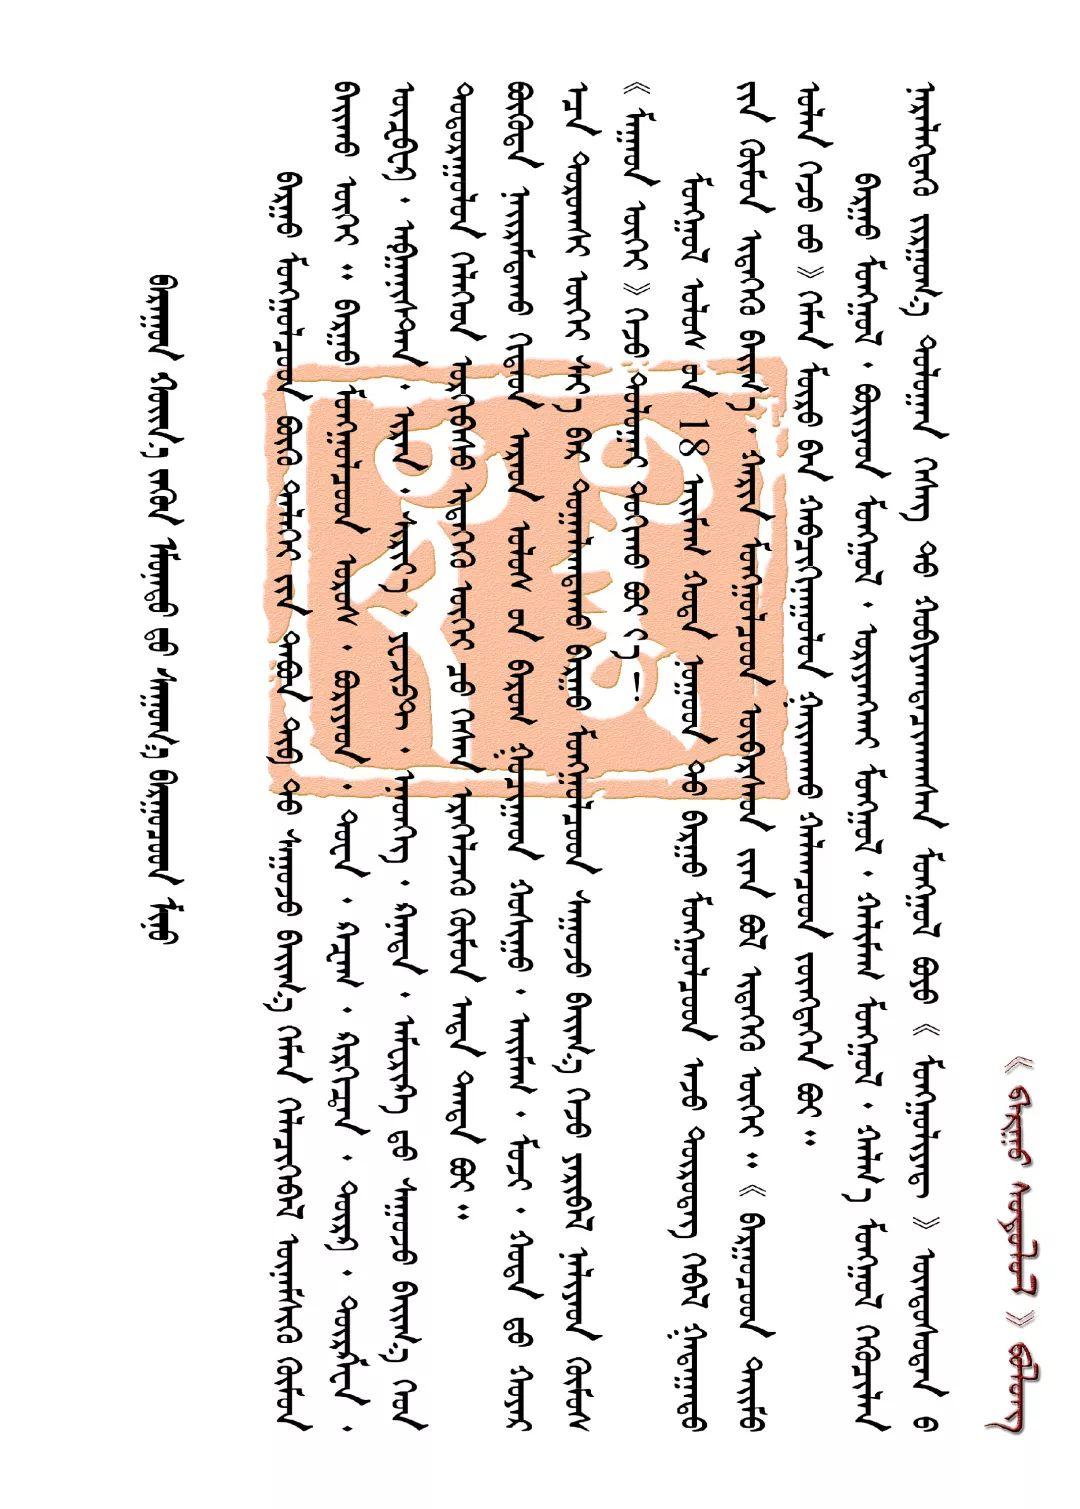 巴尔虎研究 【第三期】 第3张 巴尔虎研究 【第三期】 蒙古文化